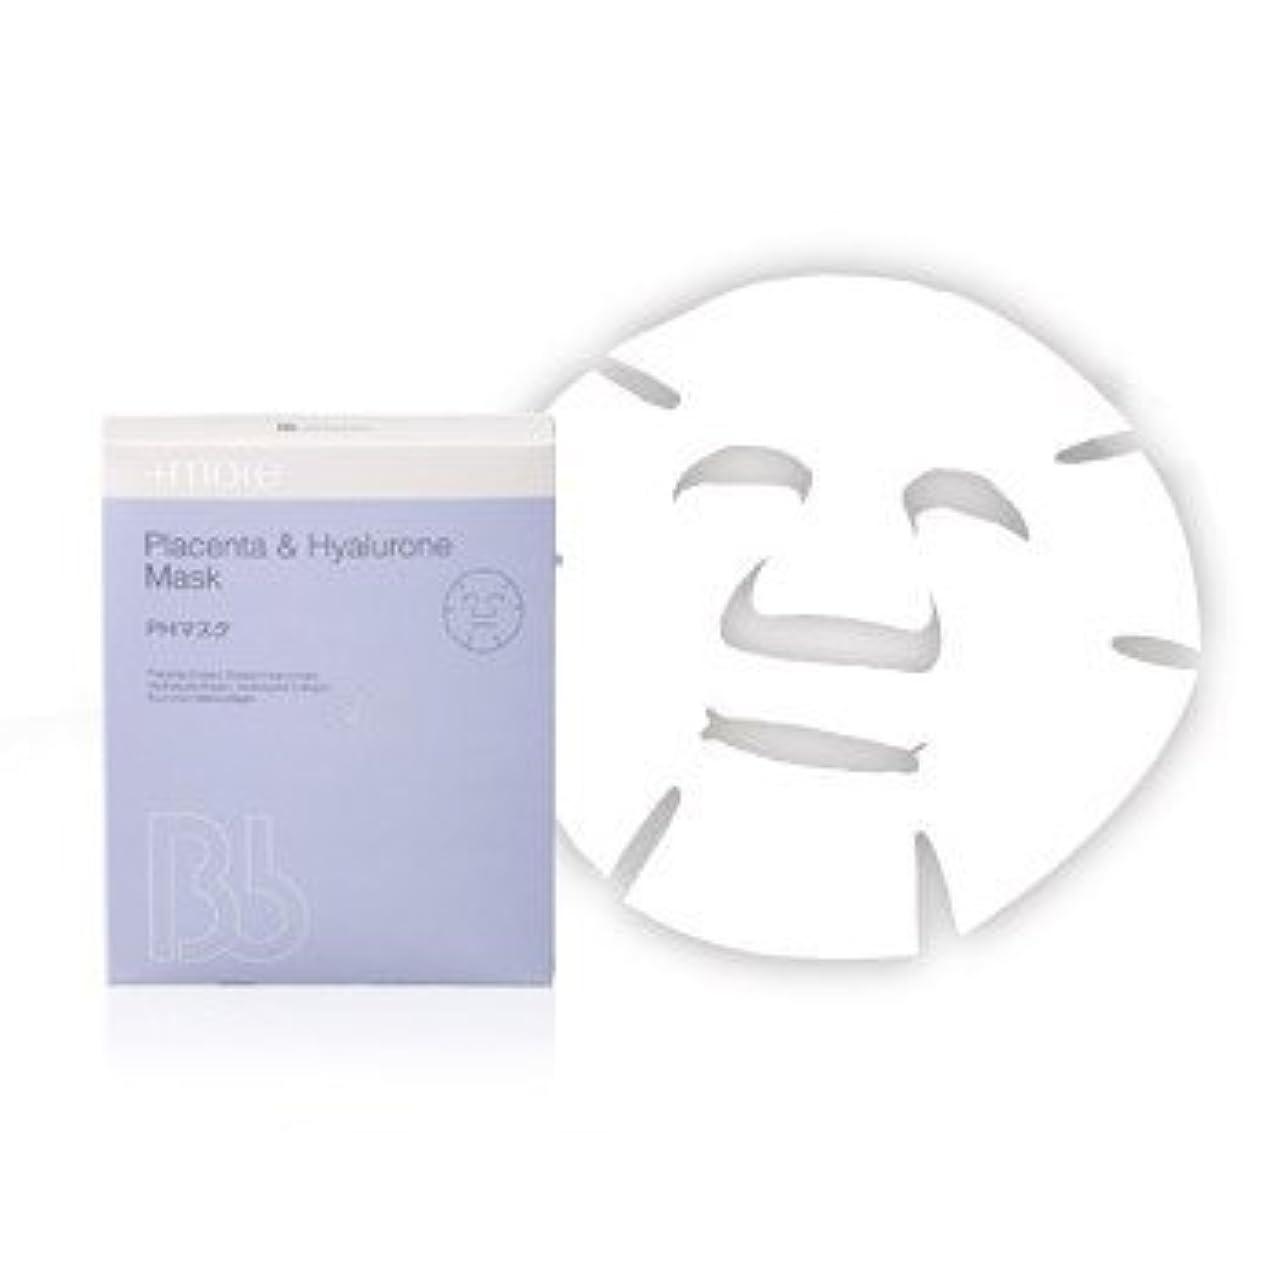 お願いします事実風Bbラボラトリーズ プラセンタ ヒアルロンマスク PHマスク(パック) 30ml 4枚入り